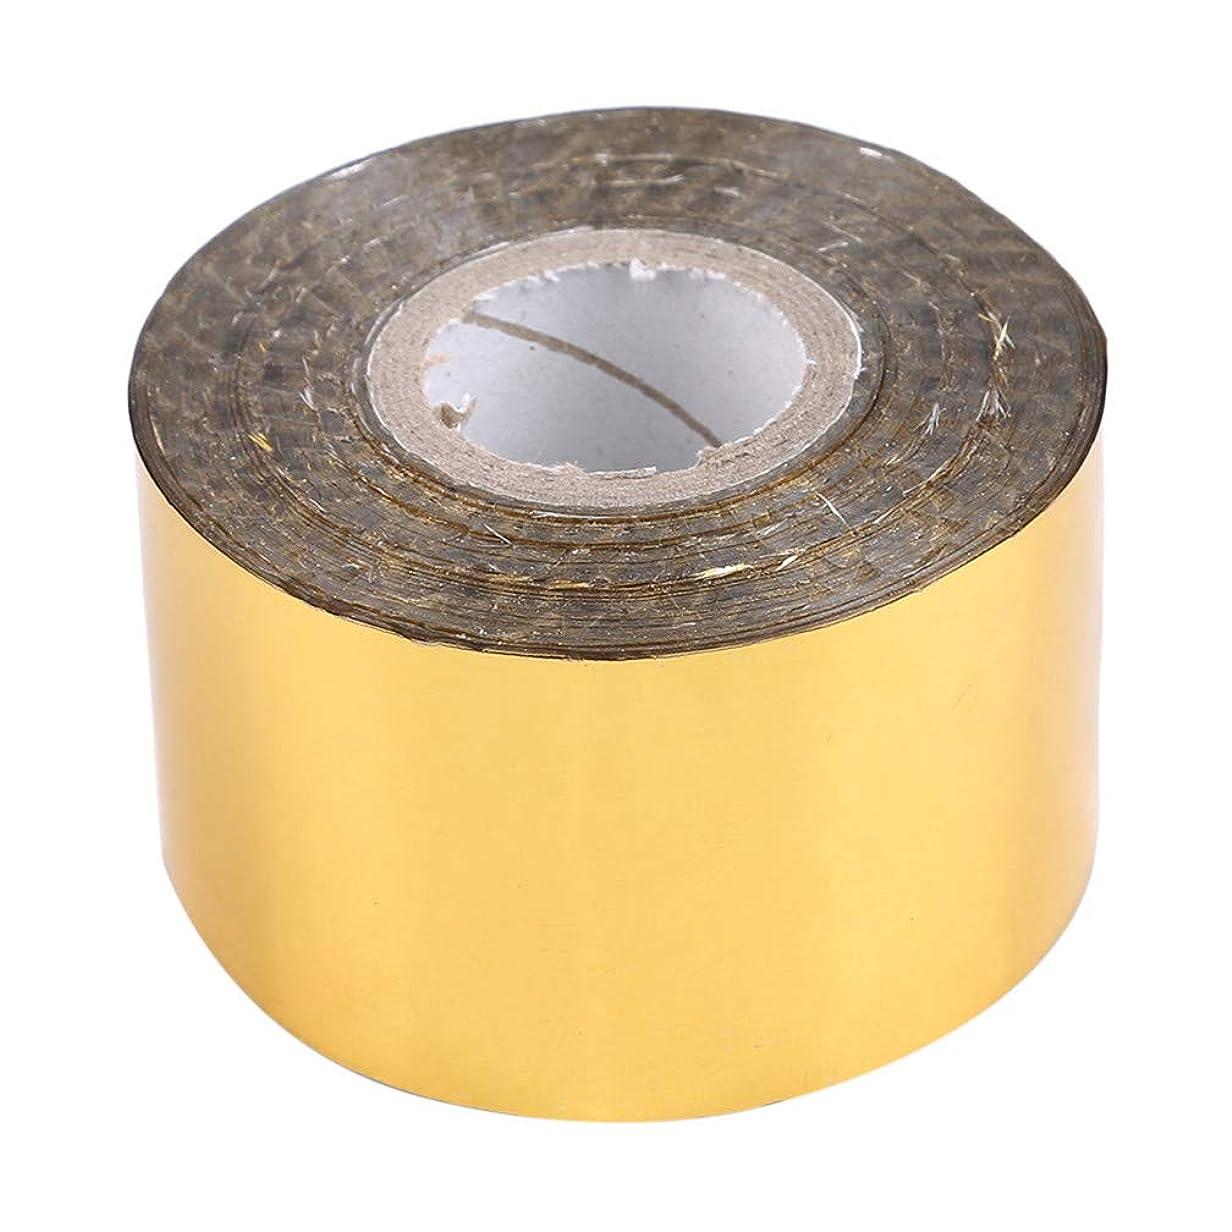 発言する理解するポンプLJSLYJ 4センチ* 120メートルホログラフィックロール星空ネイル箔ストライプネイルアート転送ステッカー、ゴールド